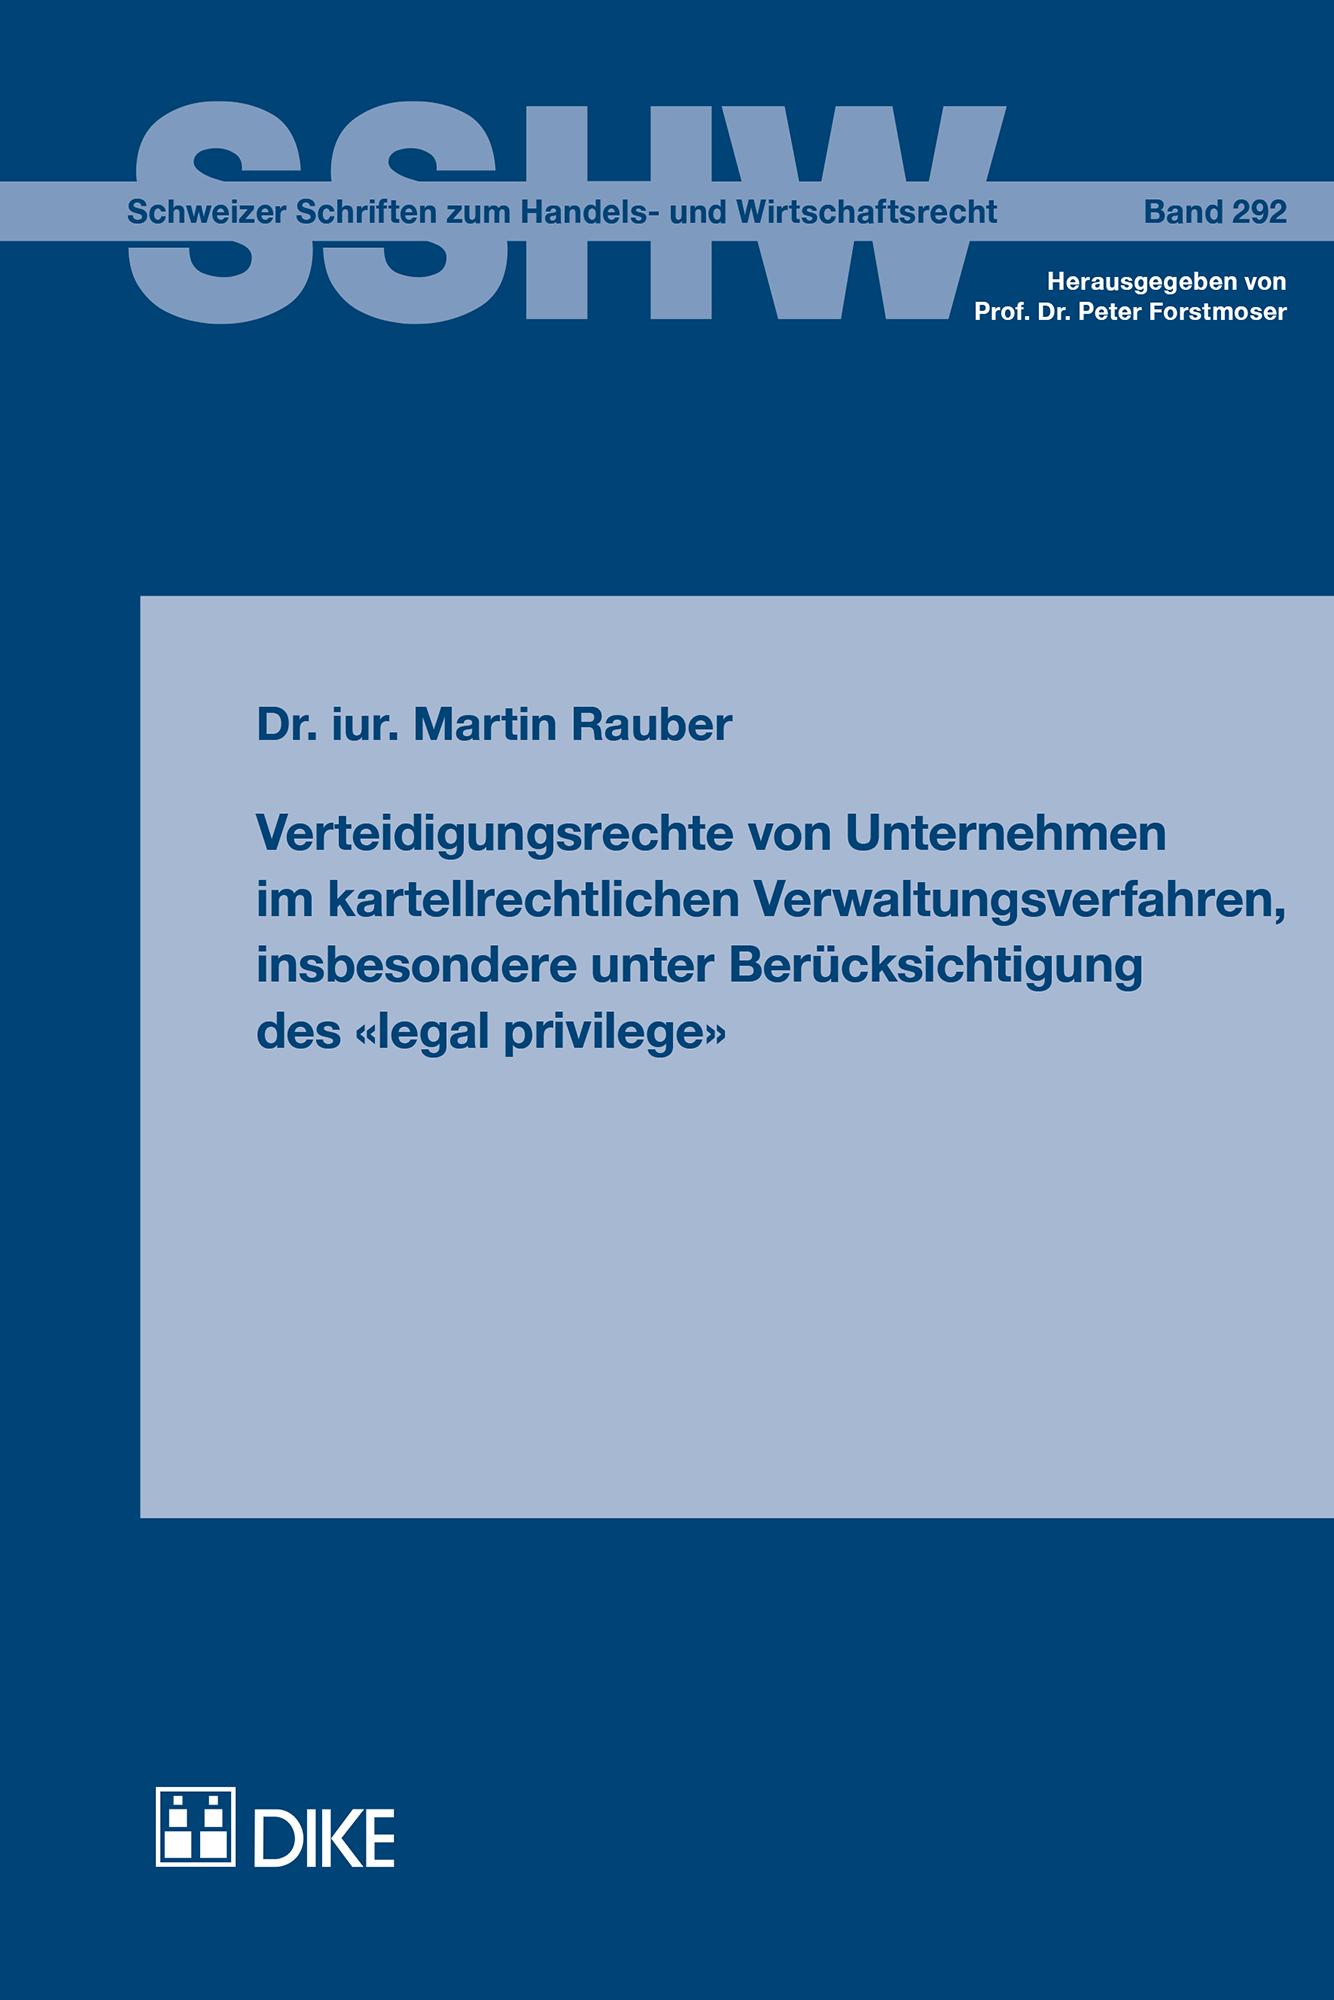 Verteidigungsrechte von Unternehmen im kartellrechtlichen Verwaltungsverfahren, insbesondere unter Berücksichtigung des «legal privilege»